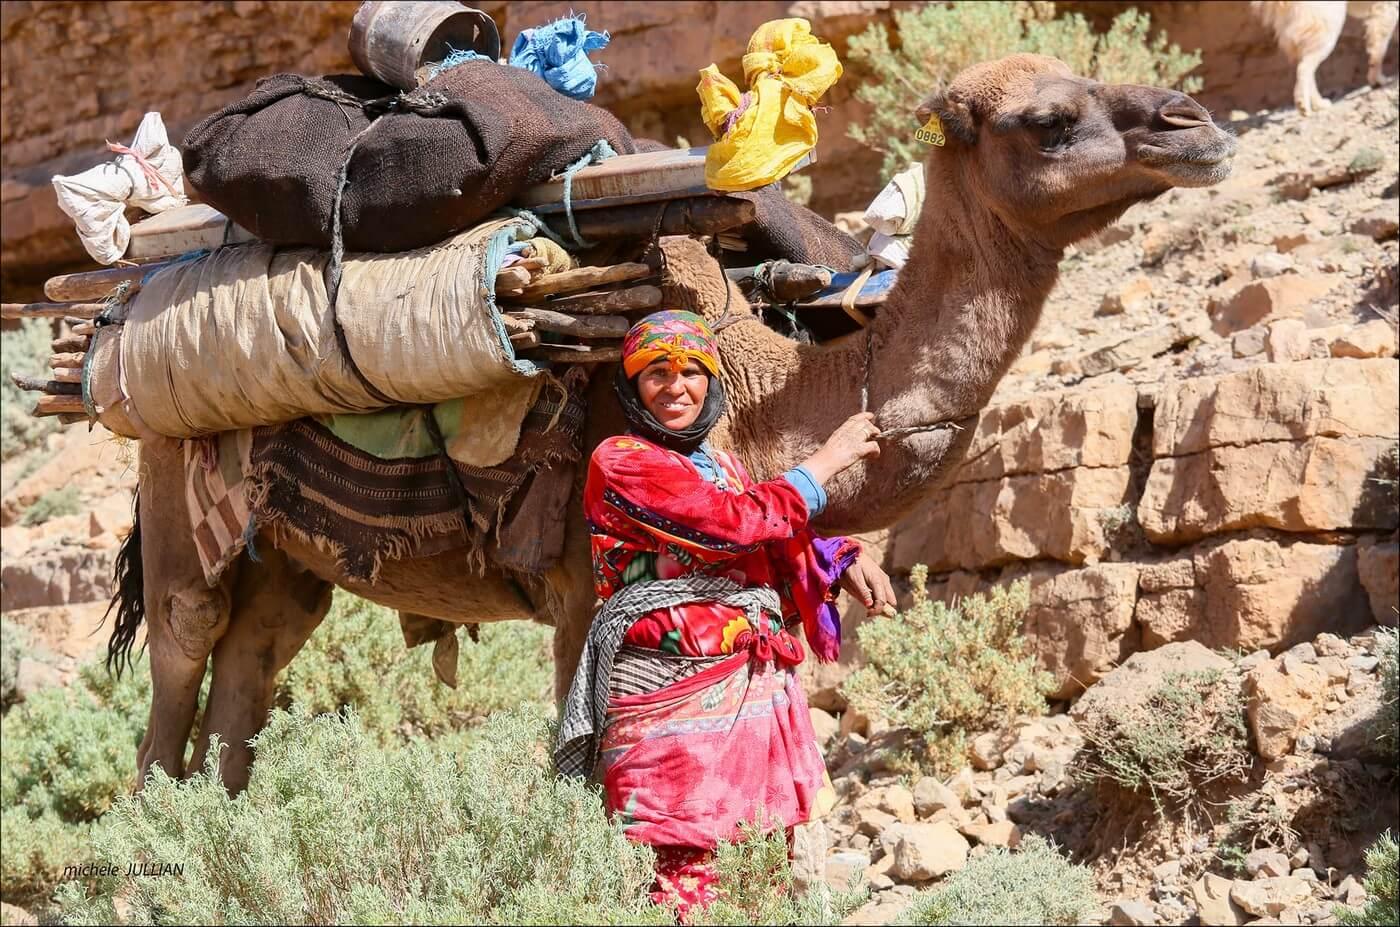 femme nomade près de son chameau sur la route  entre Saghro et le Haut Atlas